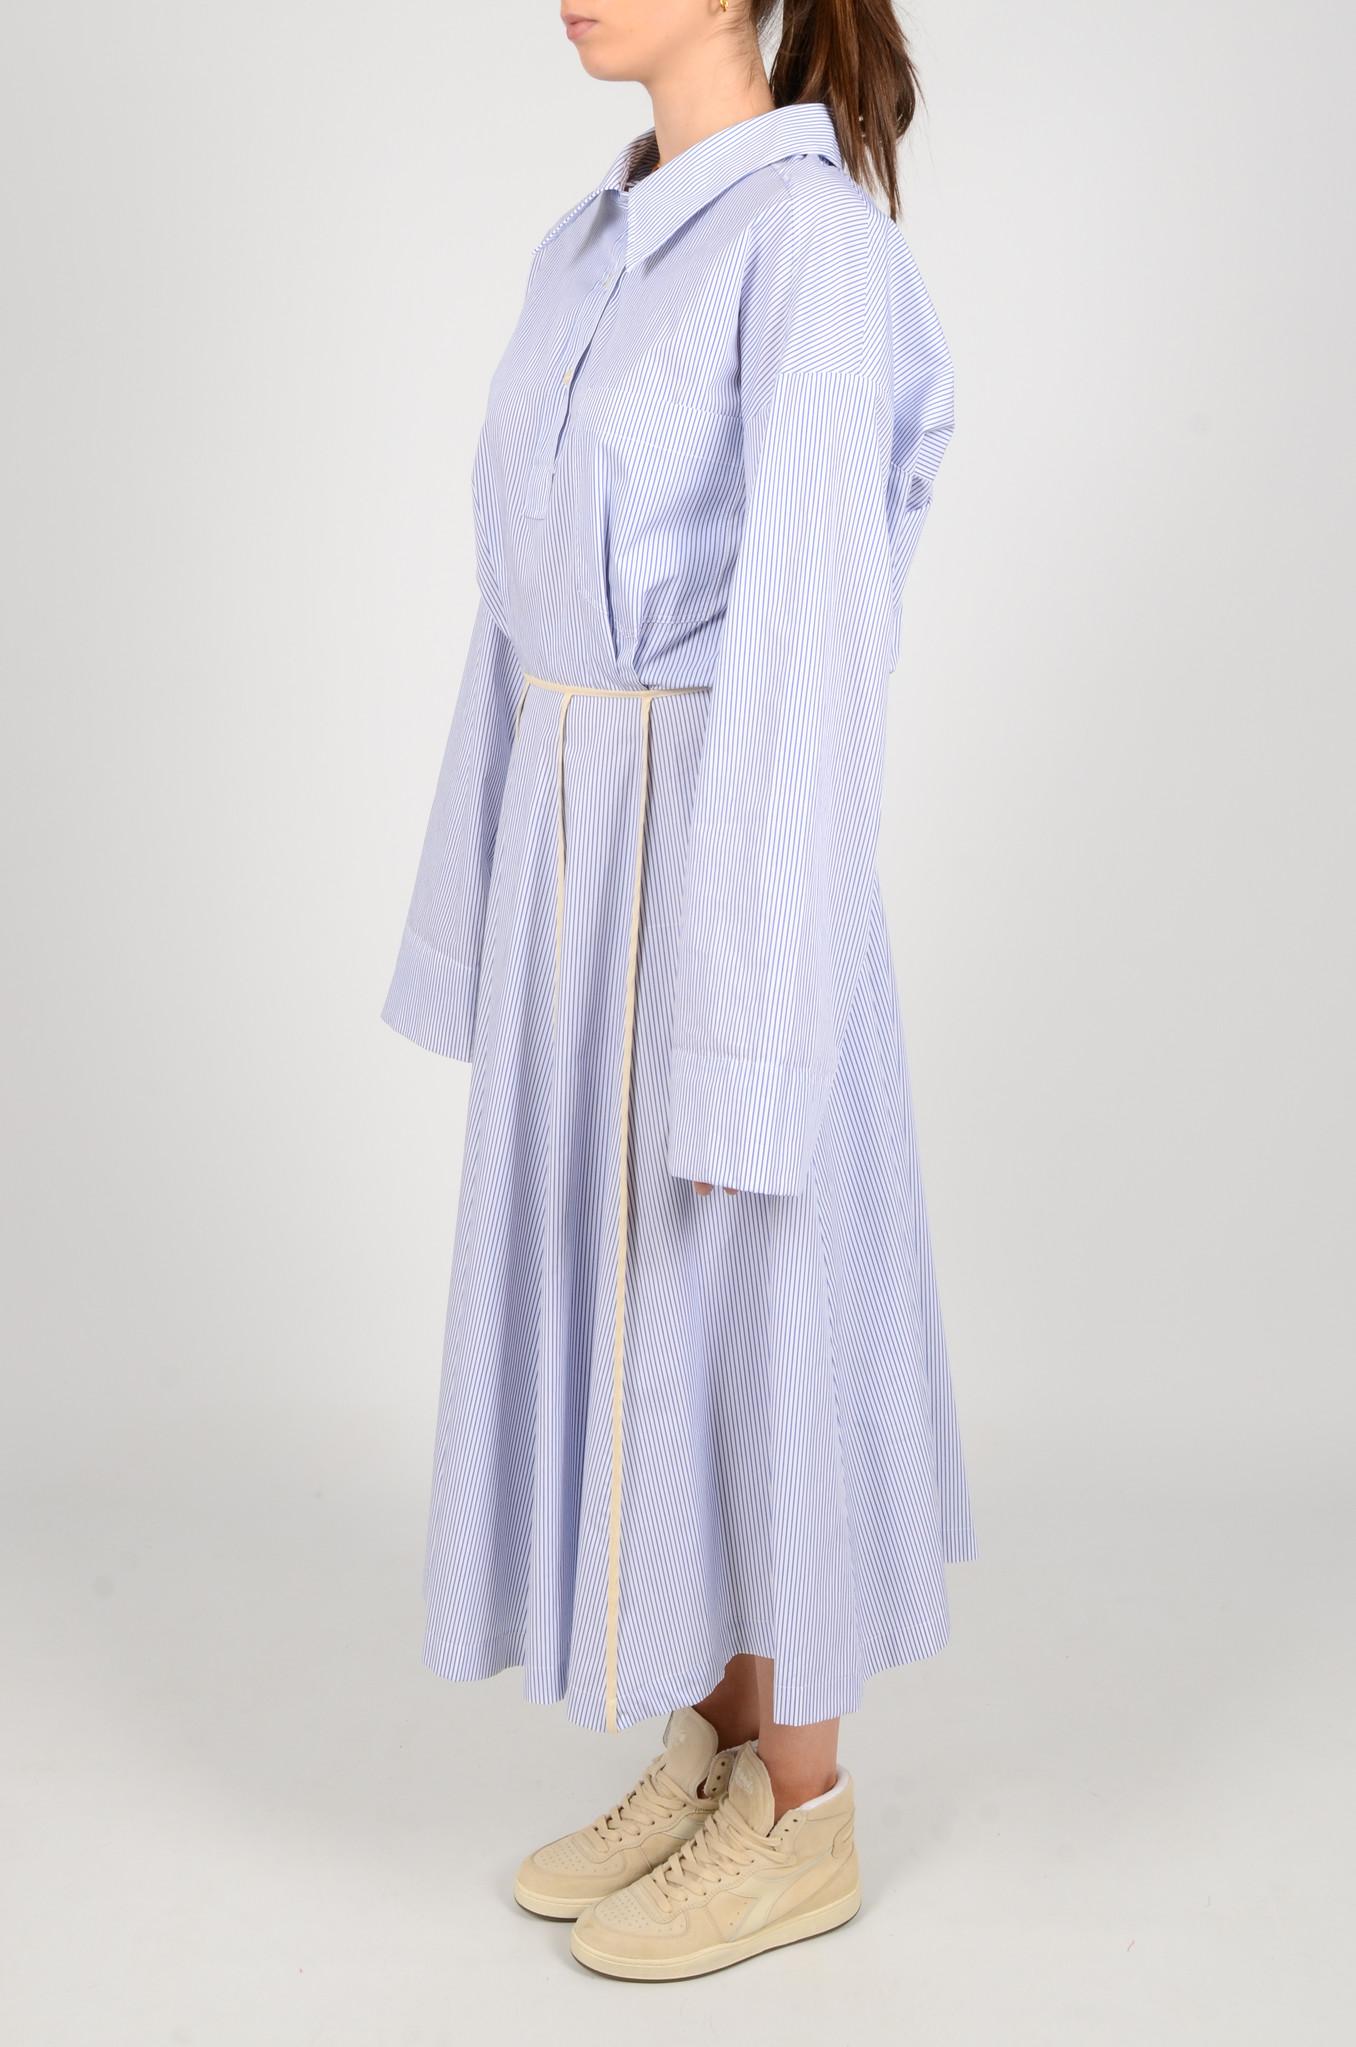 CHRISTY DRESS-3